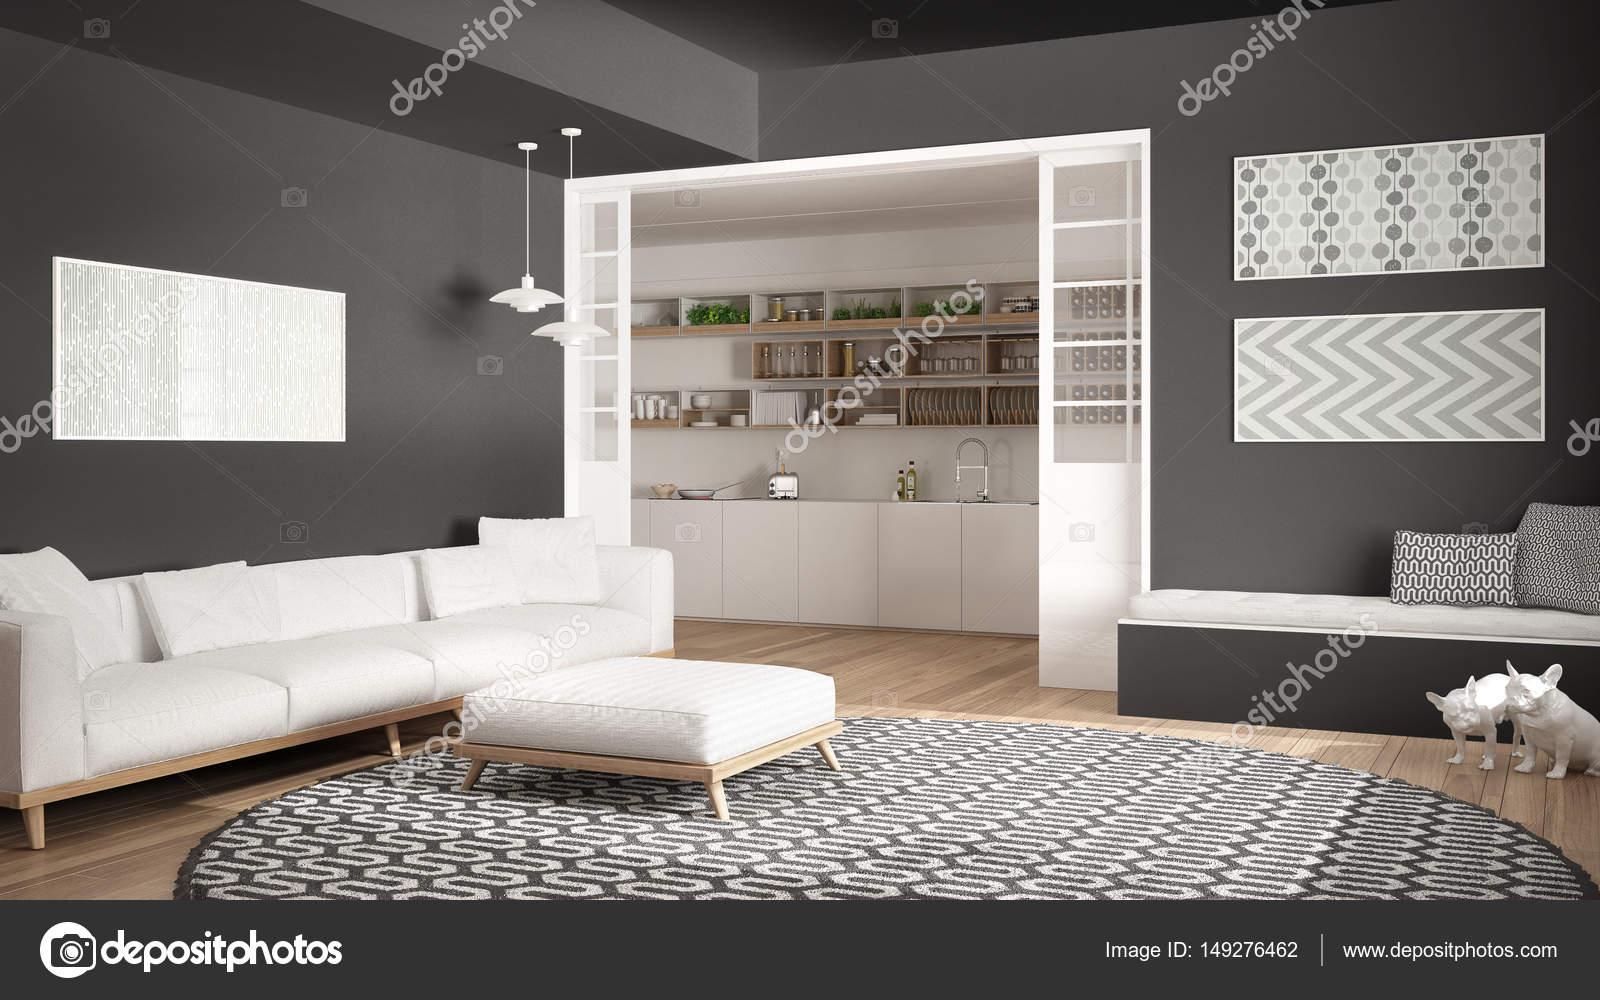 Arredamento Moderno Bianco E Tortora.Arredamento Moderno Bianco E Grigio Cheap Bagno Beige E Grigio